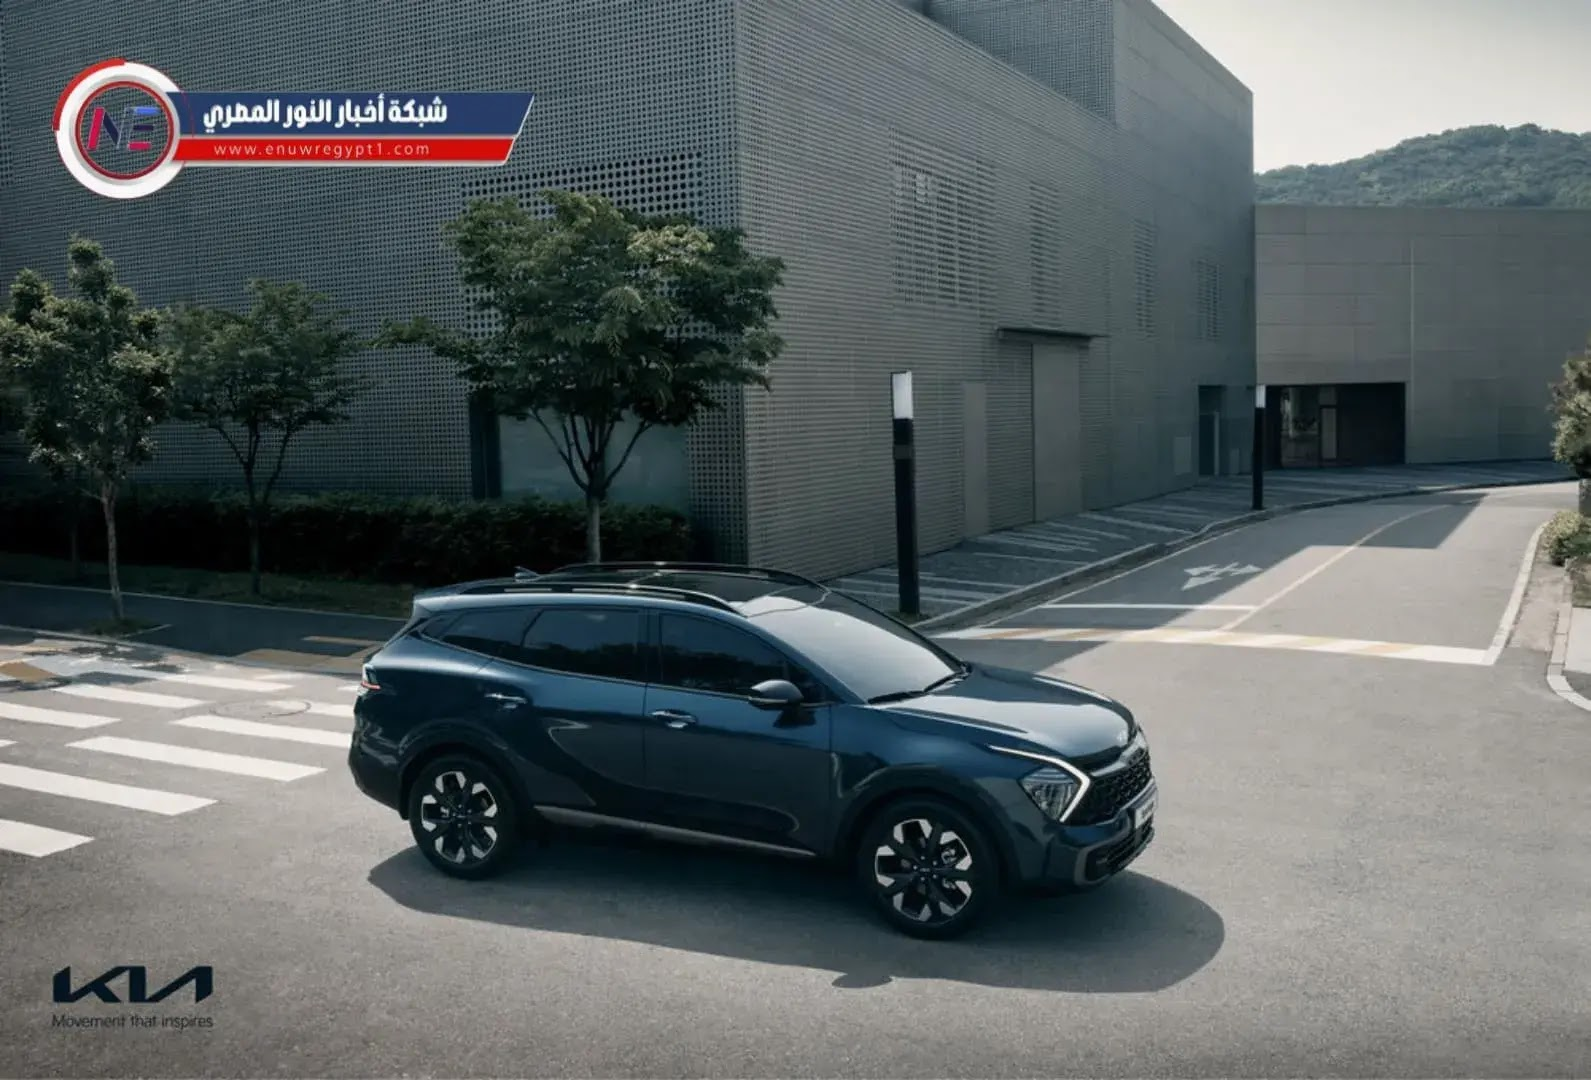 الكشف عن الصور الرسمية لسيارة كيا سبورتاج! كل شيئ ترغب بمعرفته